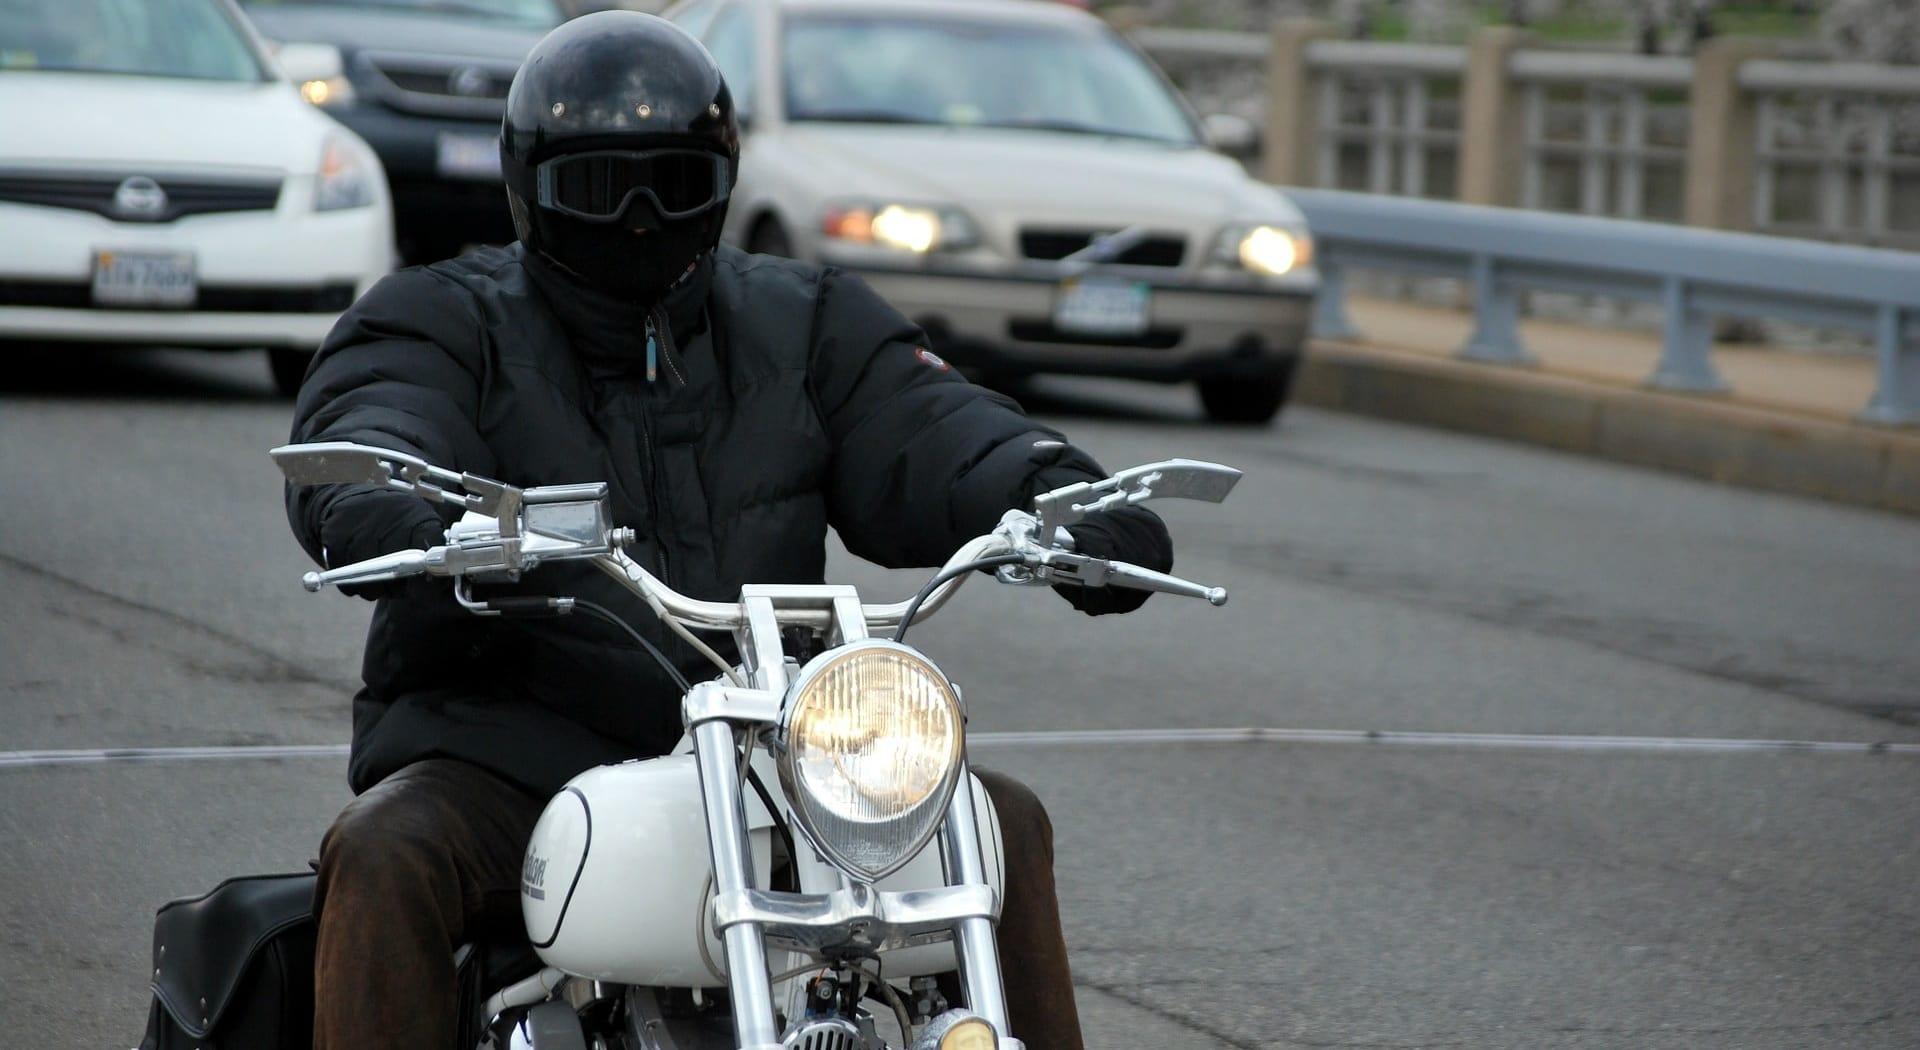 Nakkesleng ga erstatning etter motorsykkelulykke